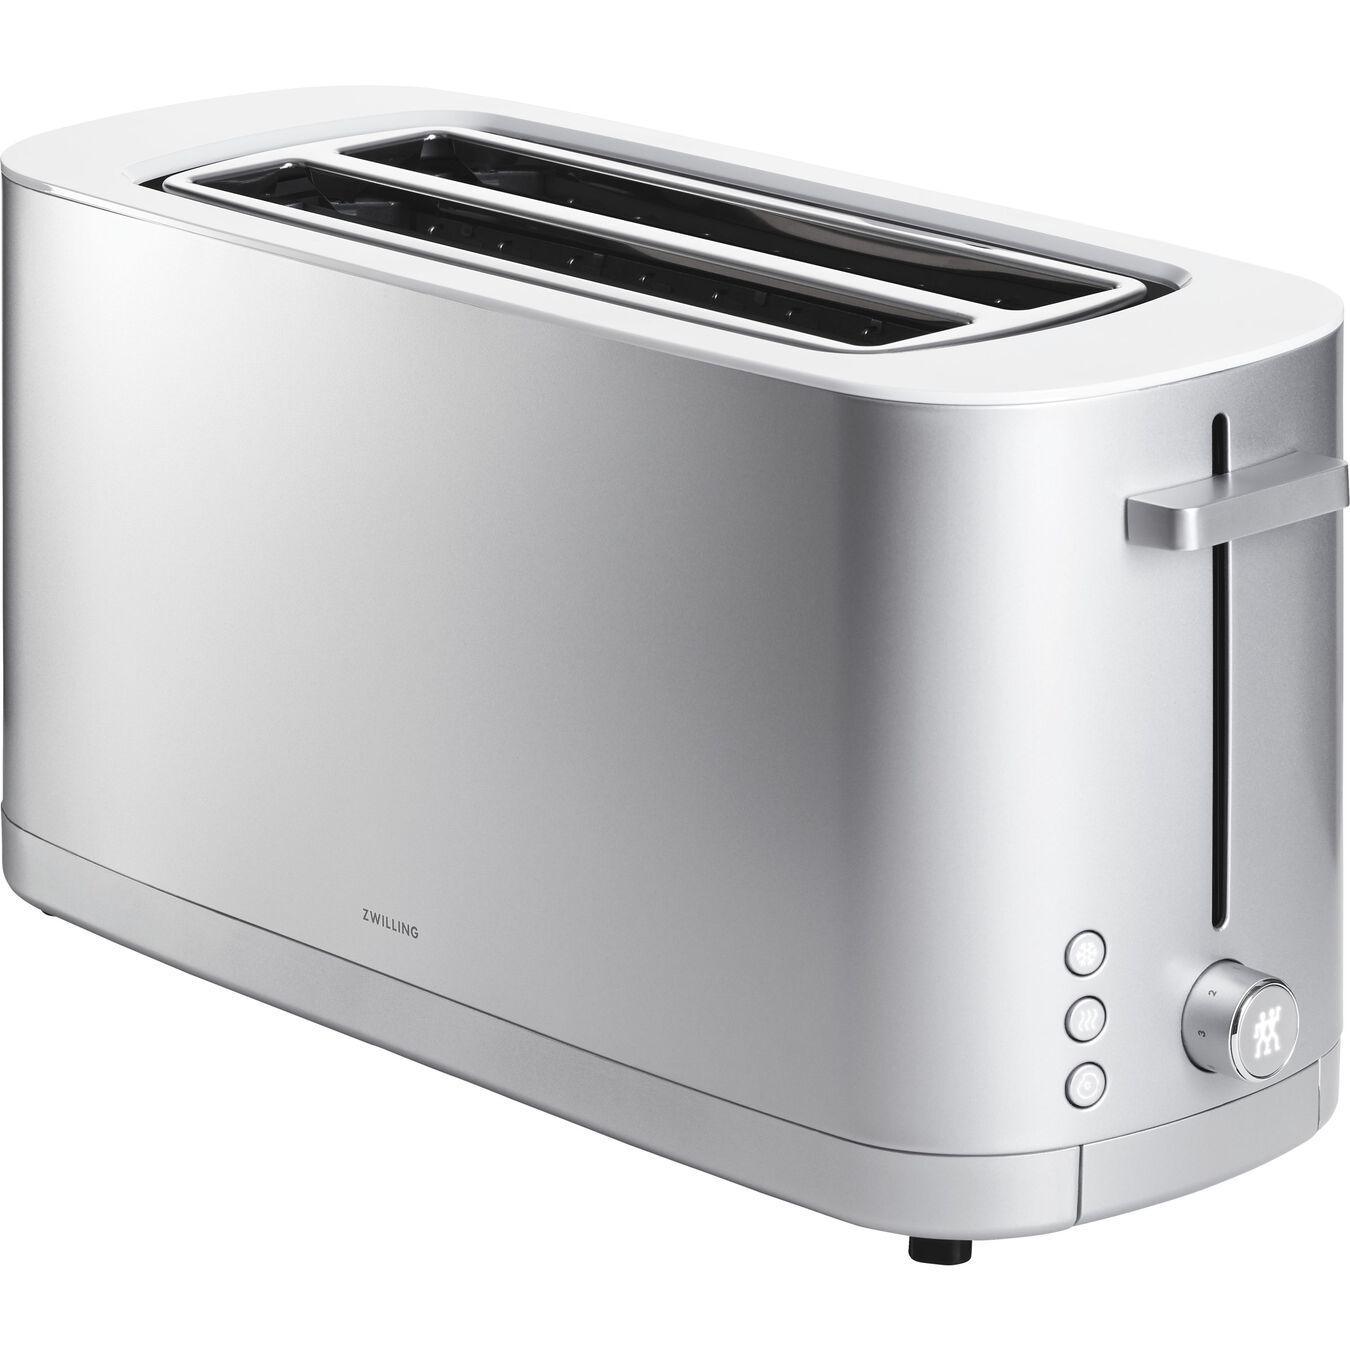 Toaster mit Brötchenaufsatz, 2 Schlitze lang, Silber,,large 1